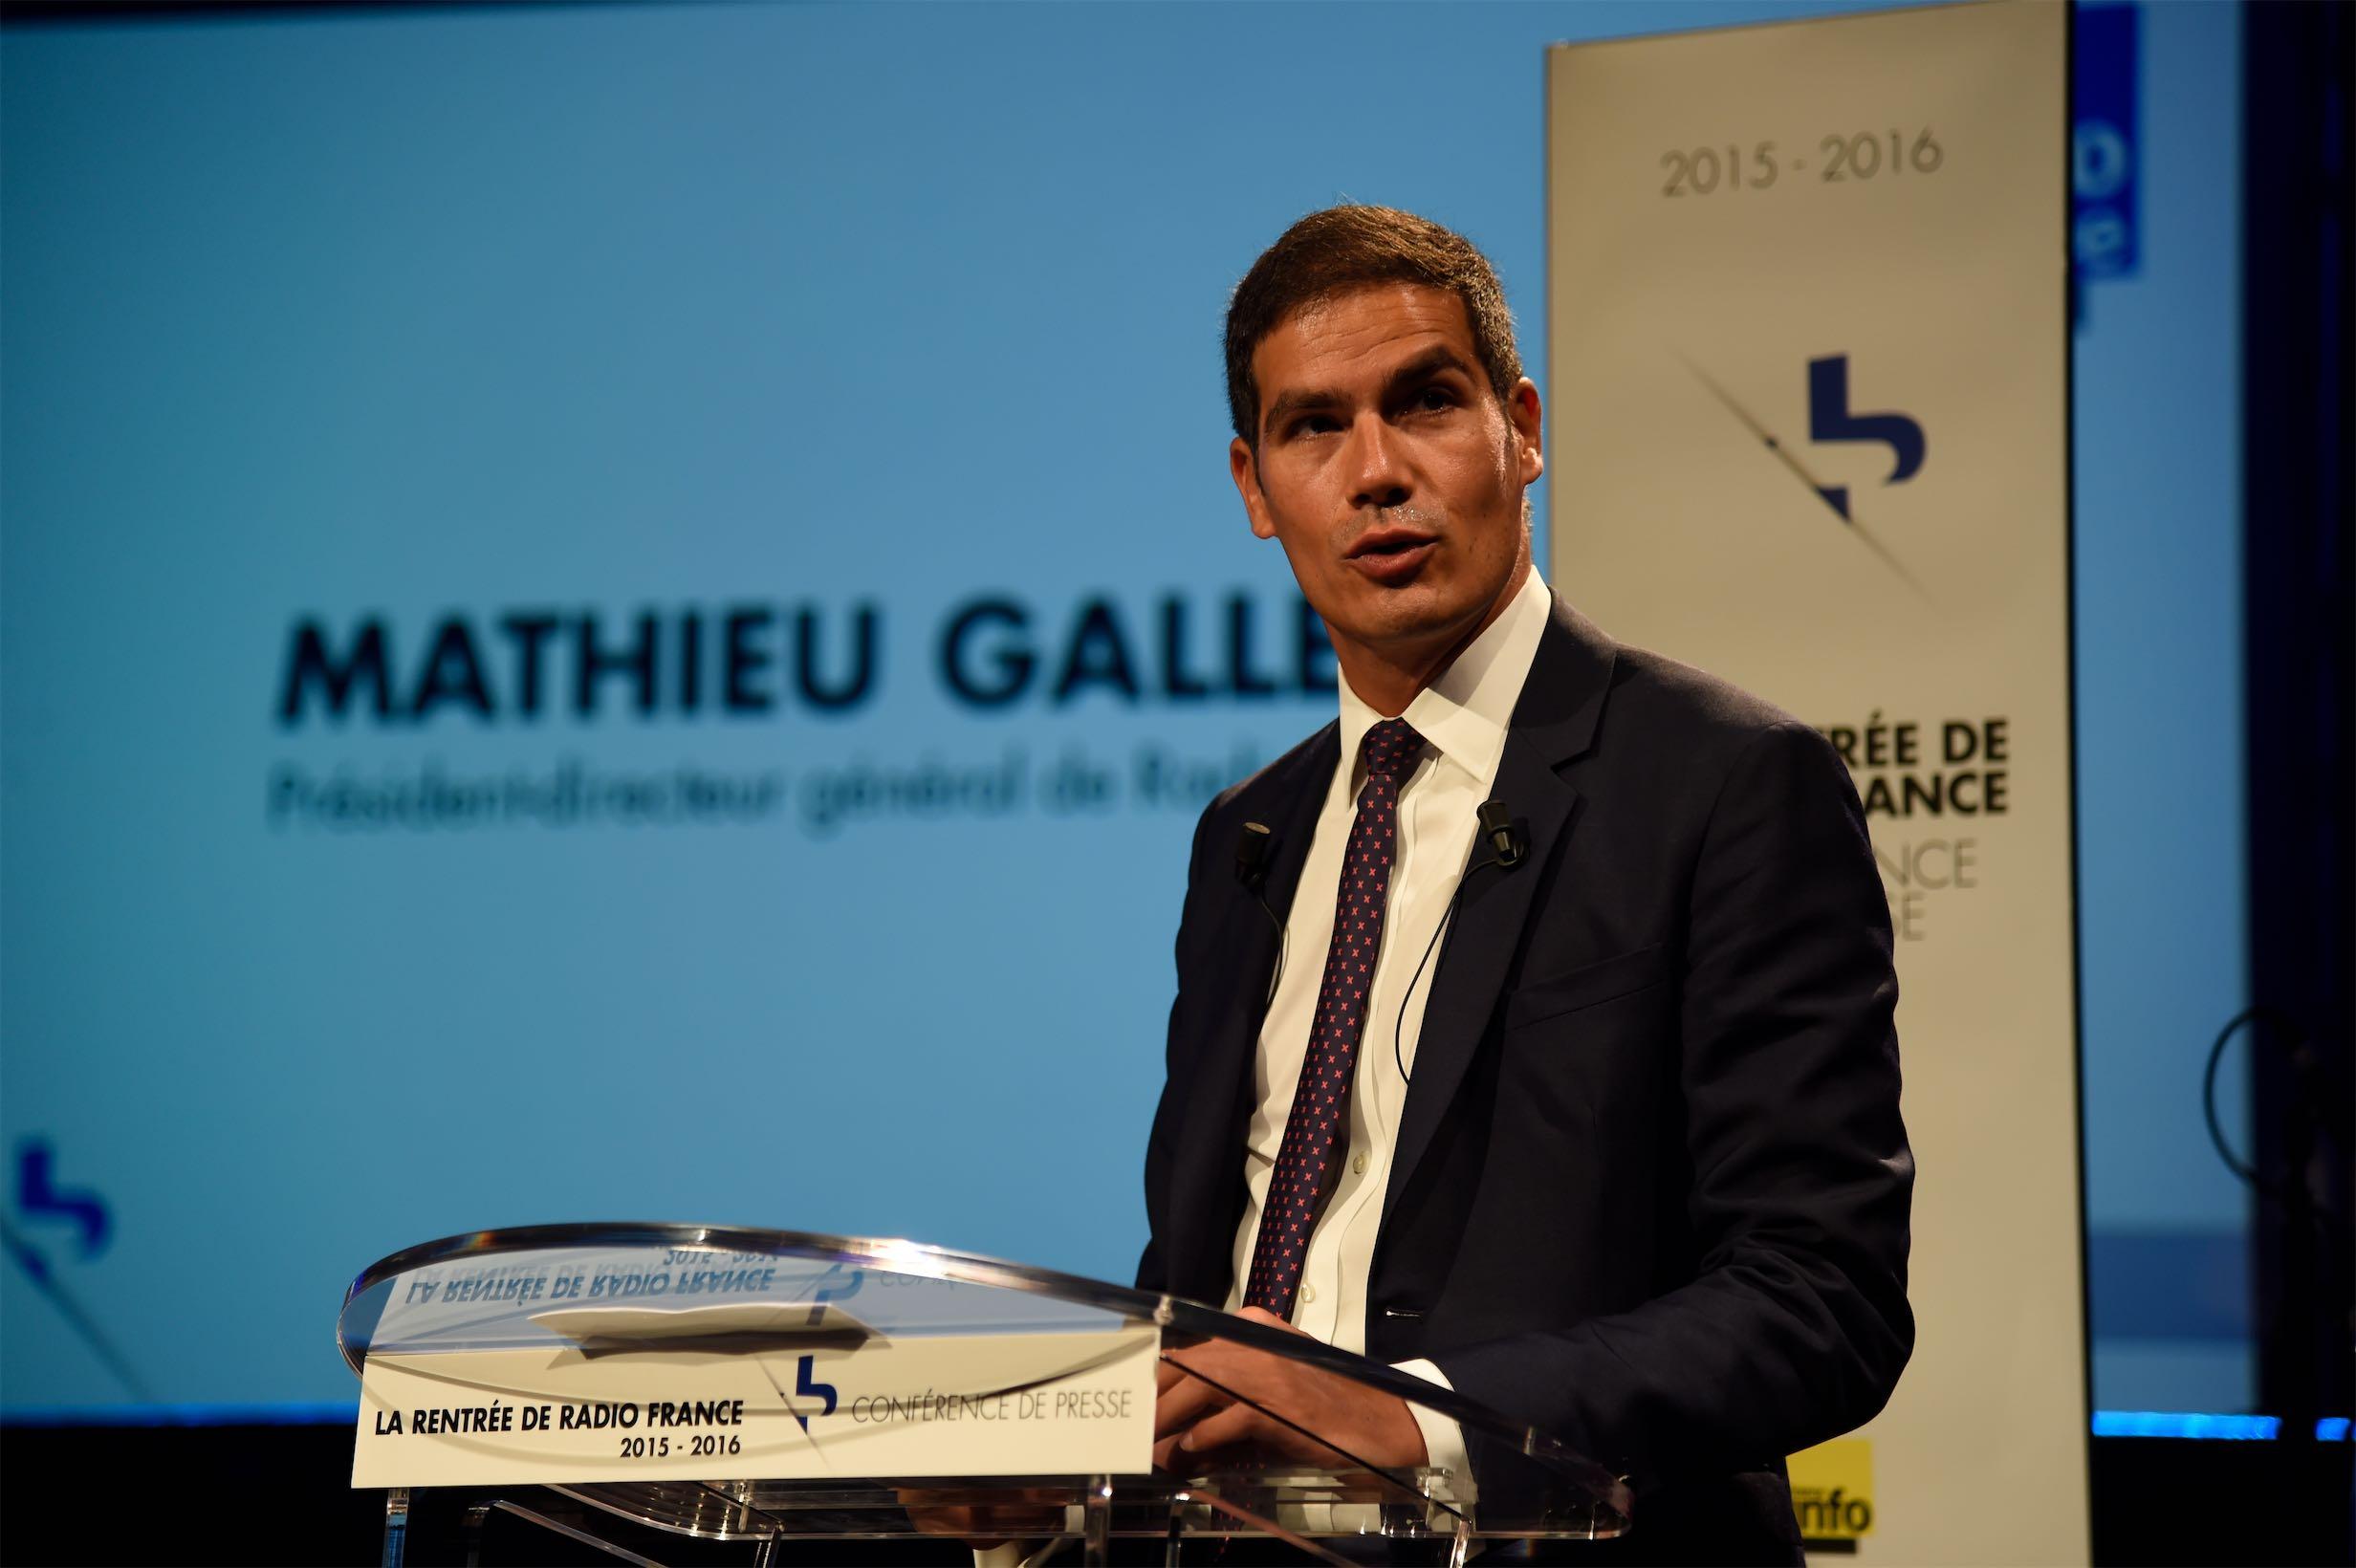 Mathieu Gallet, président directeur général de Radio France - crédit photo : RF/Christophe Abramowitz